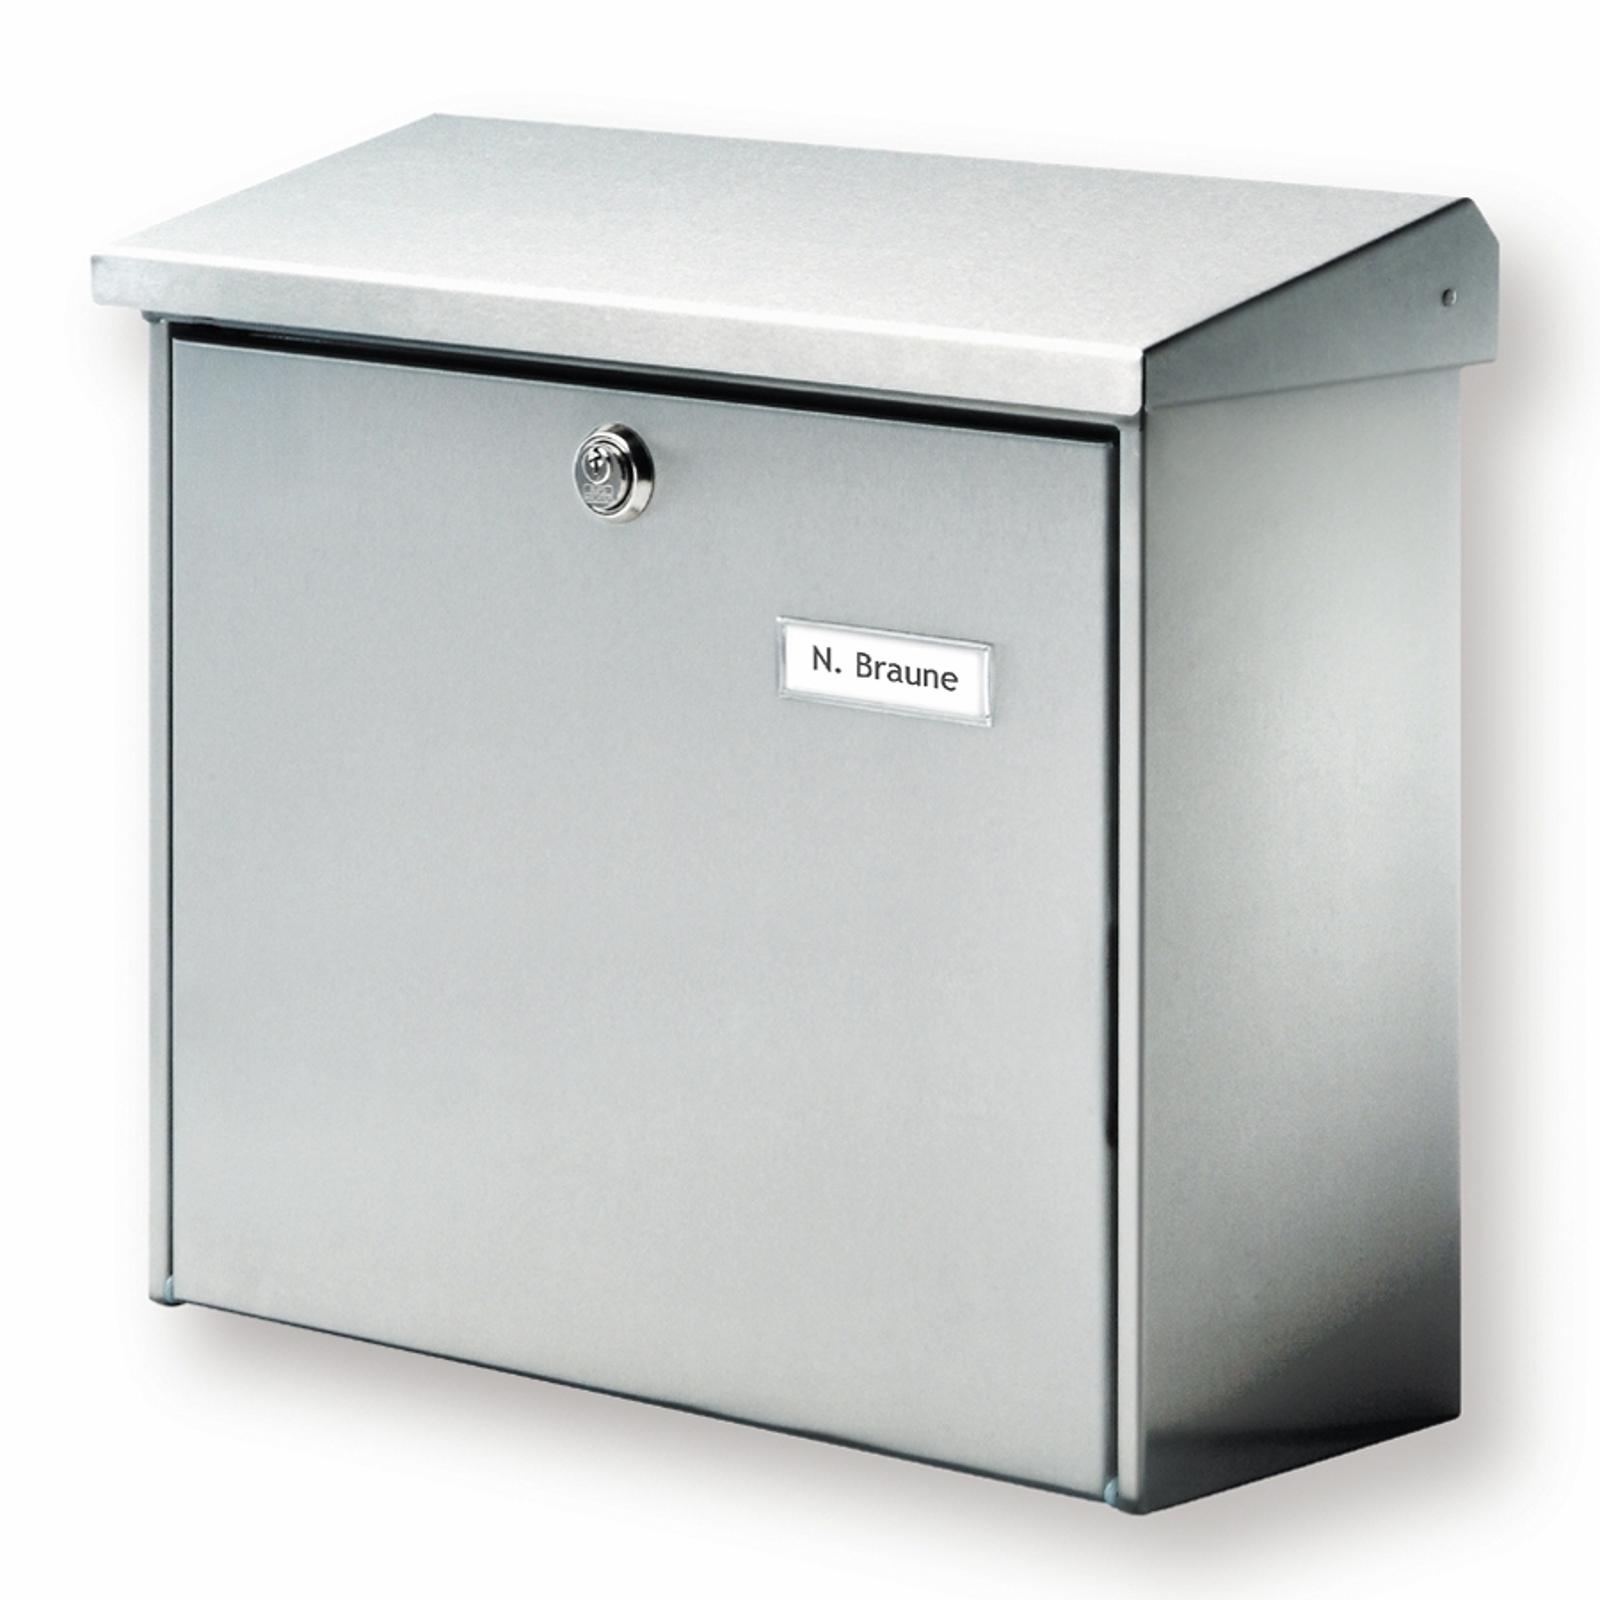 COMFORT postkasse i rustfritt stål